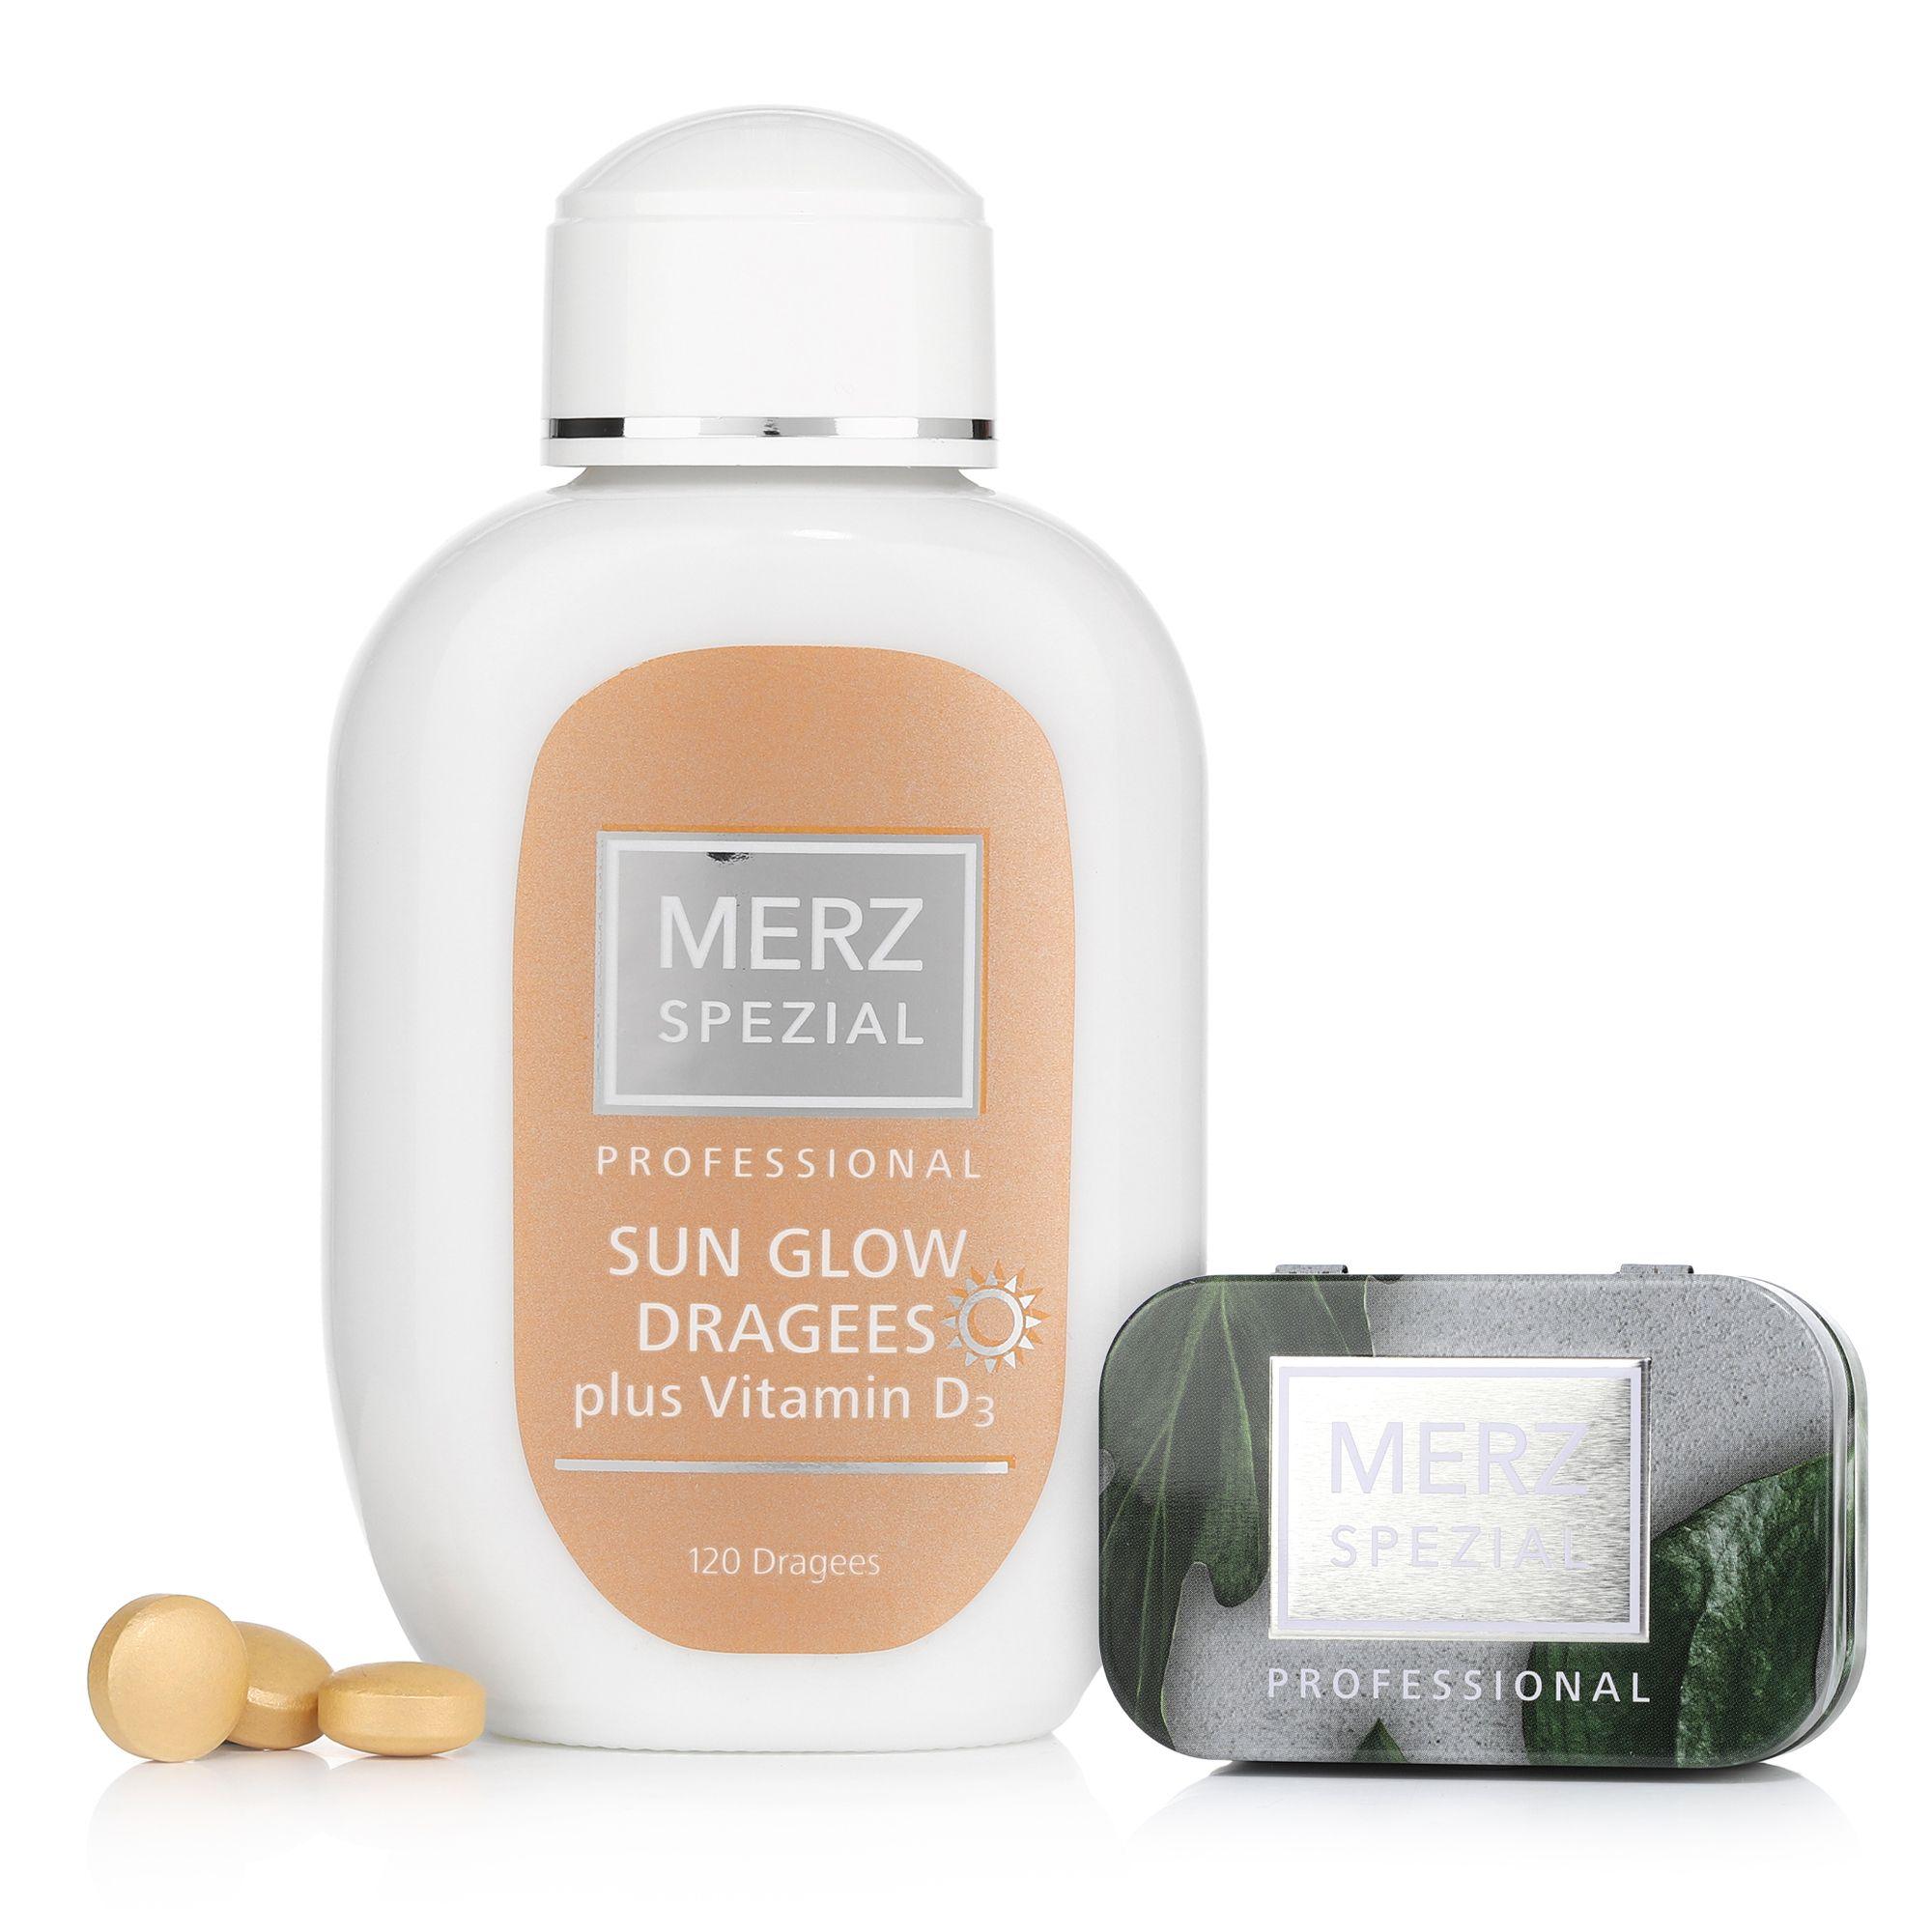 MERZ SPEZIAL Professional Sun Glow Dragees 120 Stk mit Taschendose